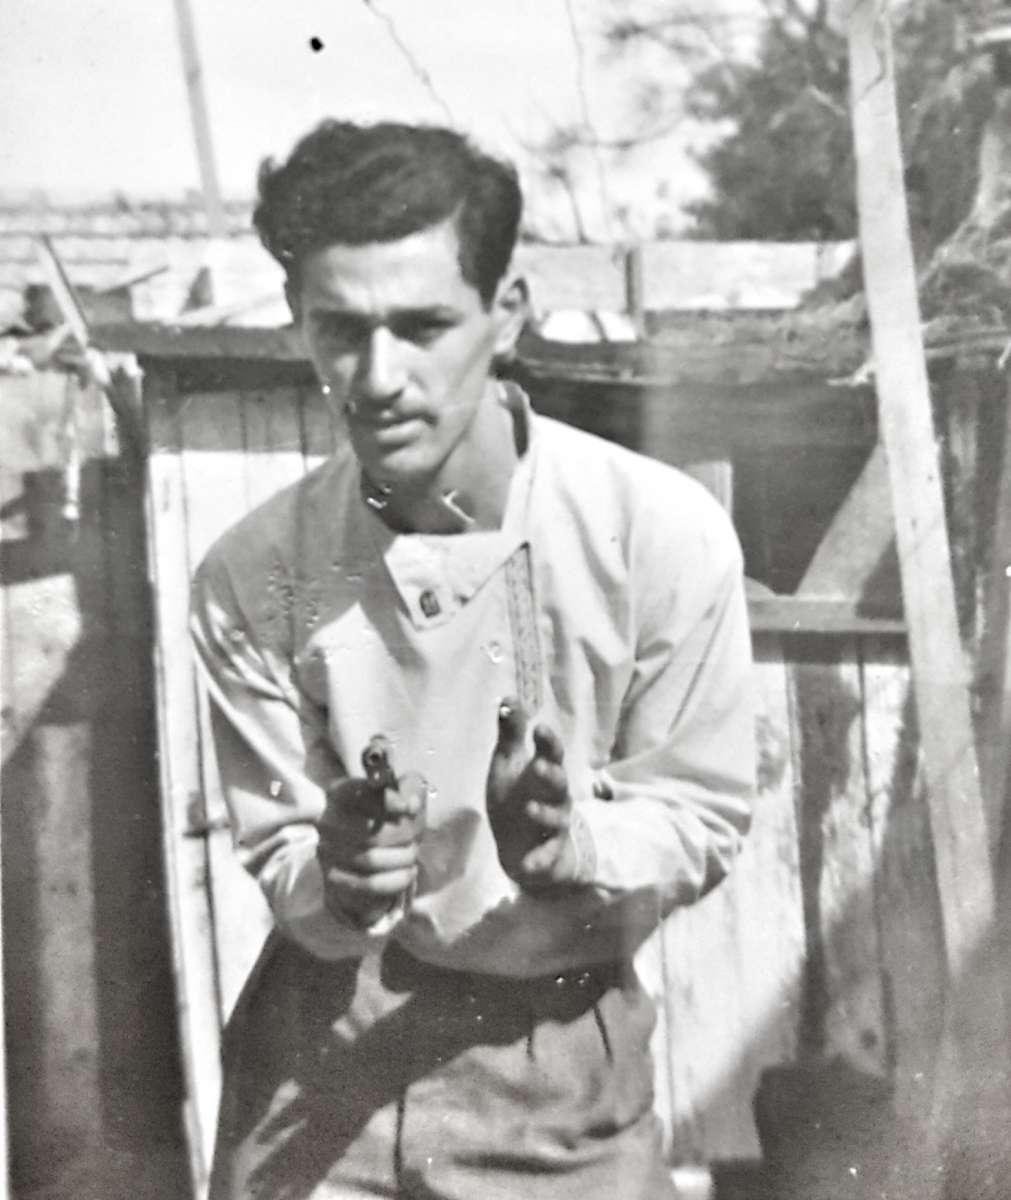 כט בנובמבר - מסמך היסטורי, אבא 1947